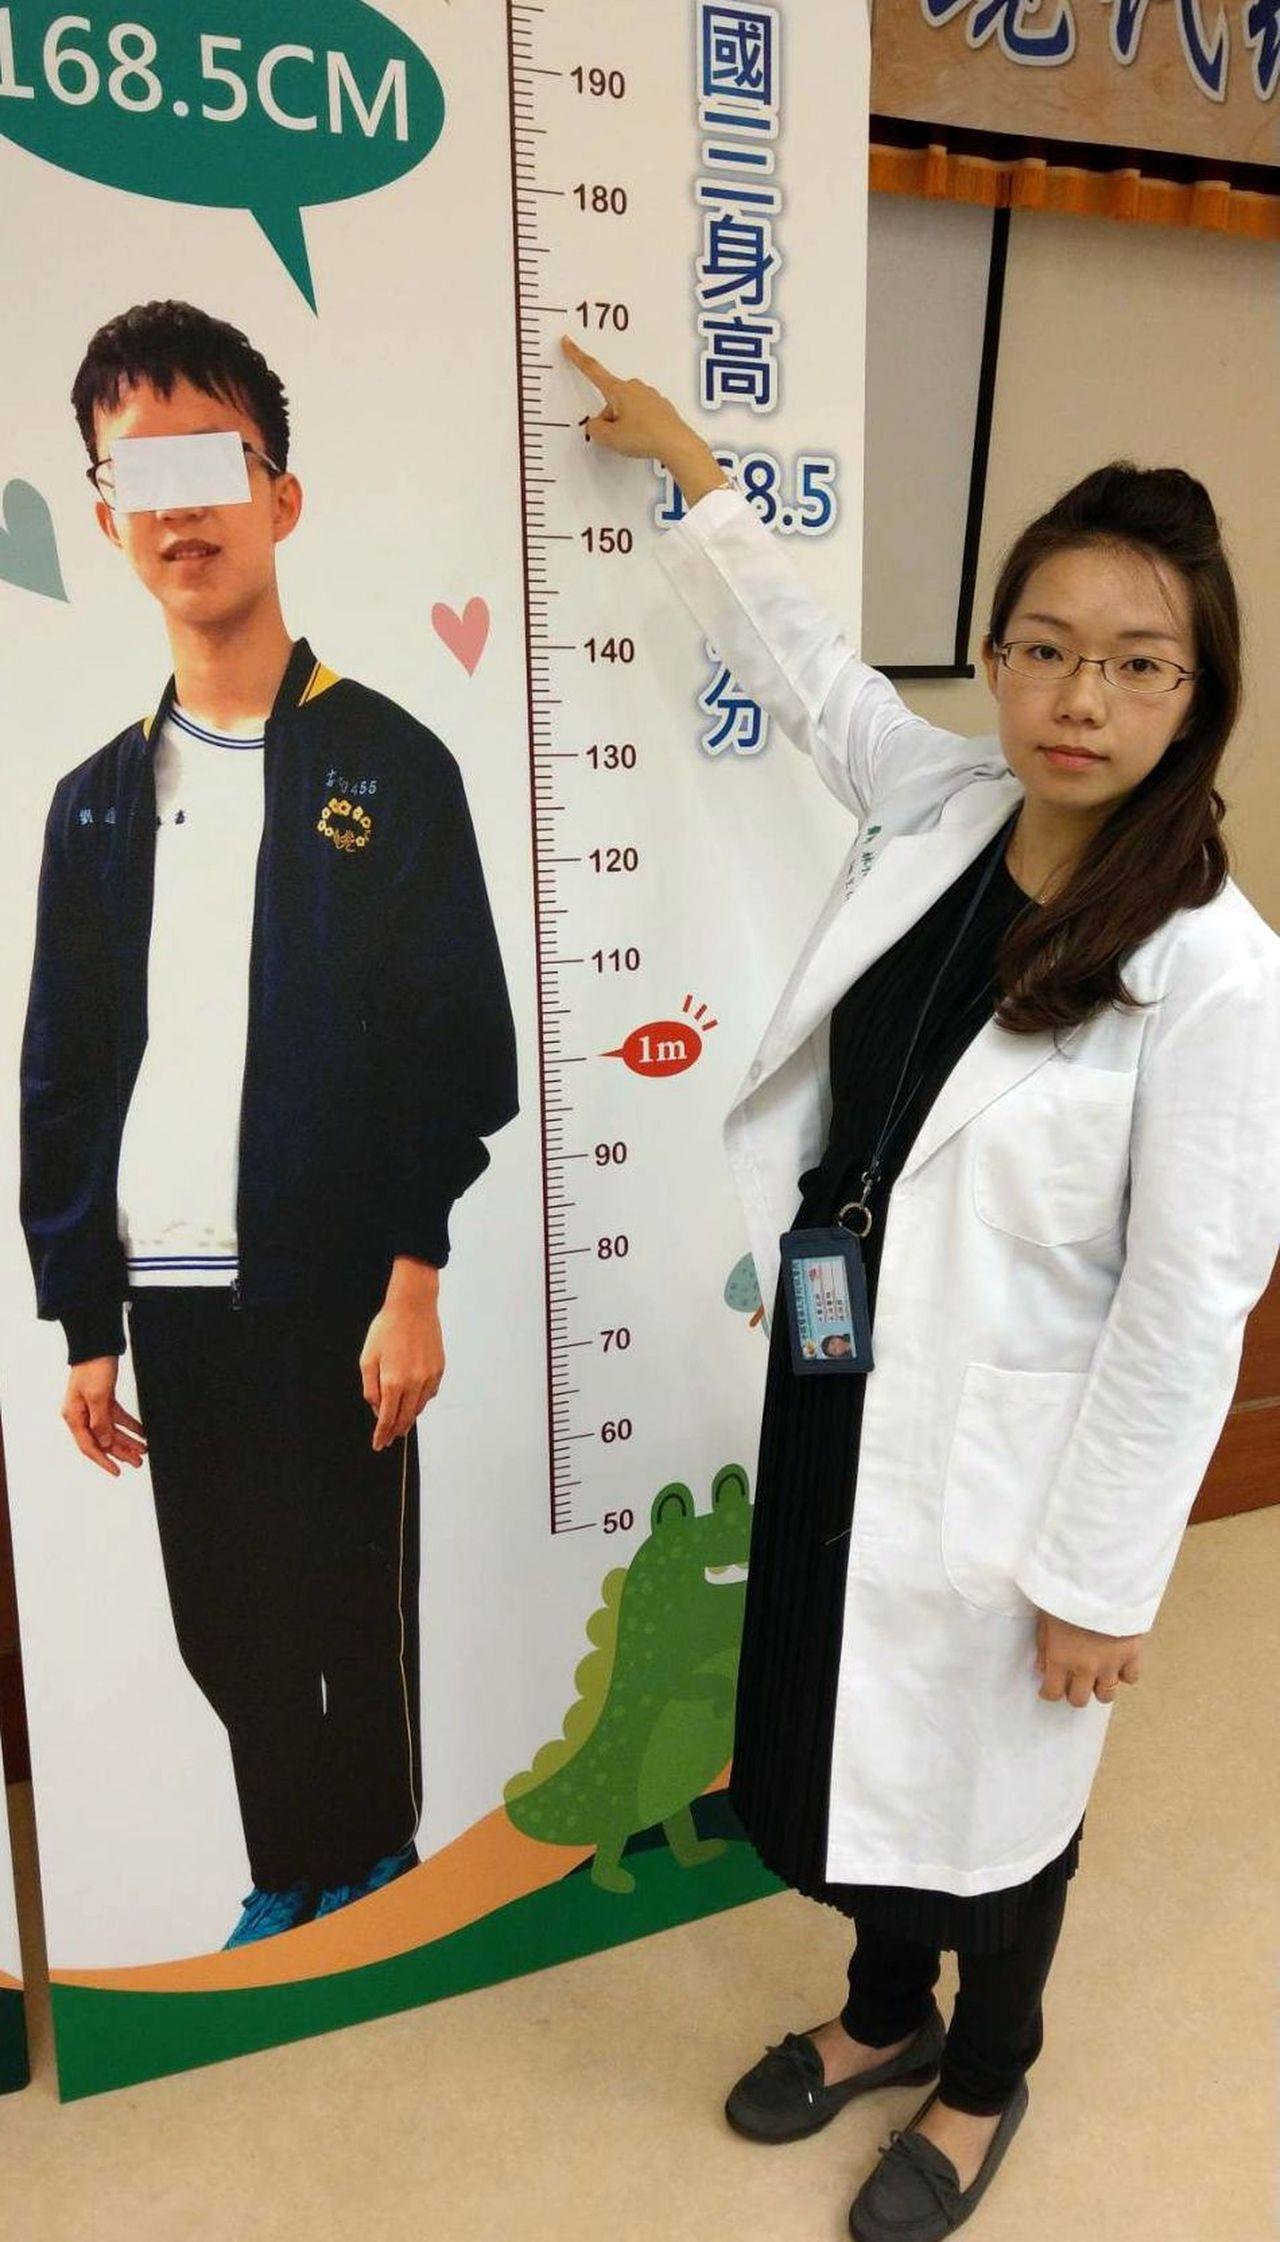 中醫師林怡君說明,劉姓國中生經2年的中藥調理,如今身高增加18.5公分,為168...